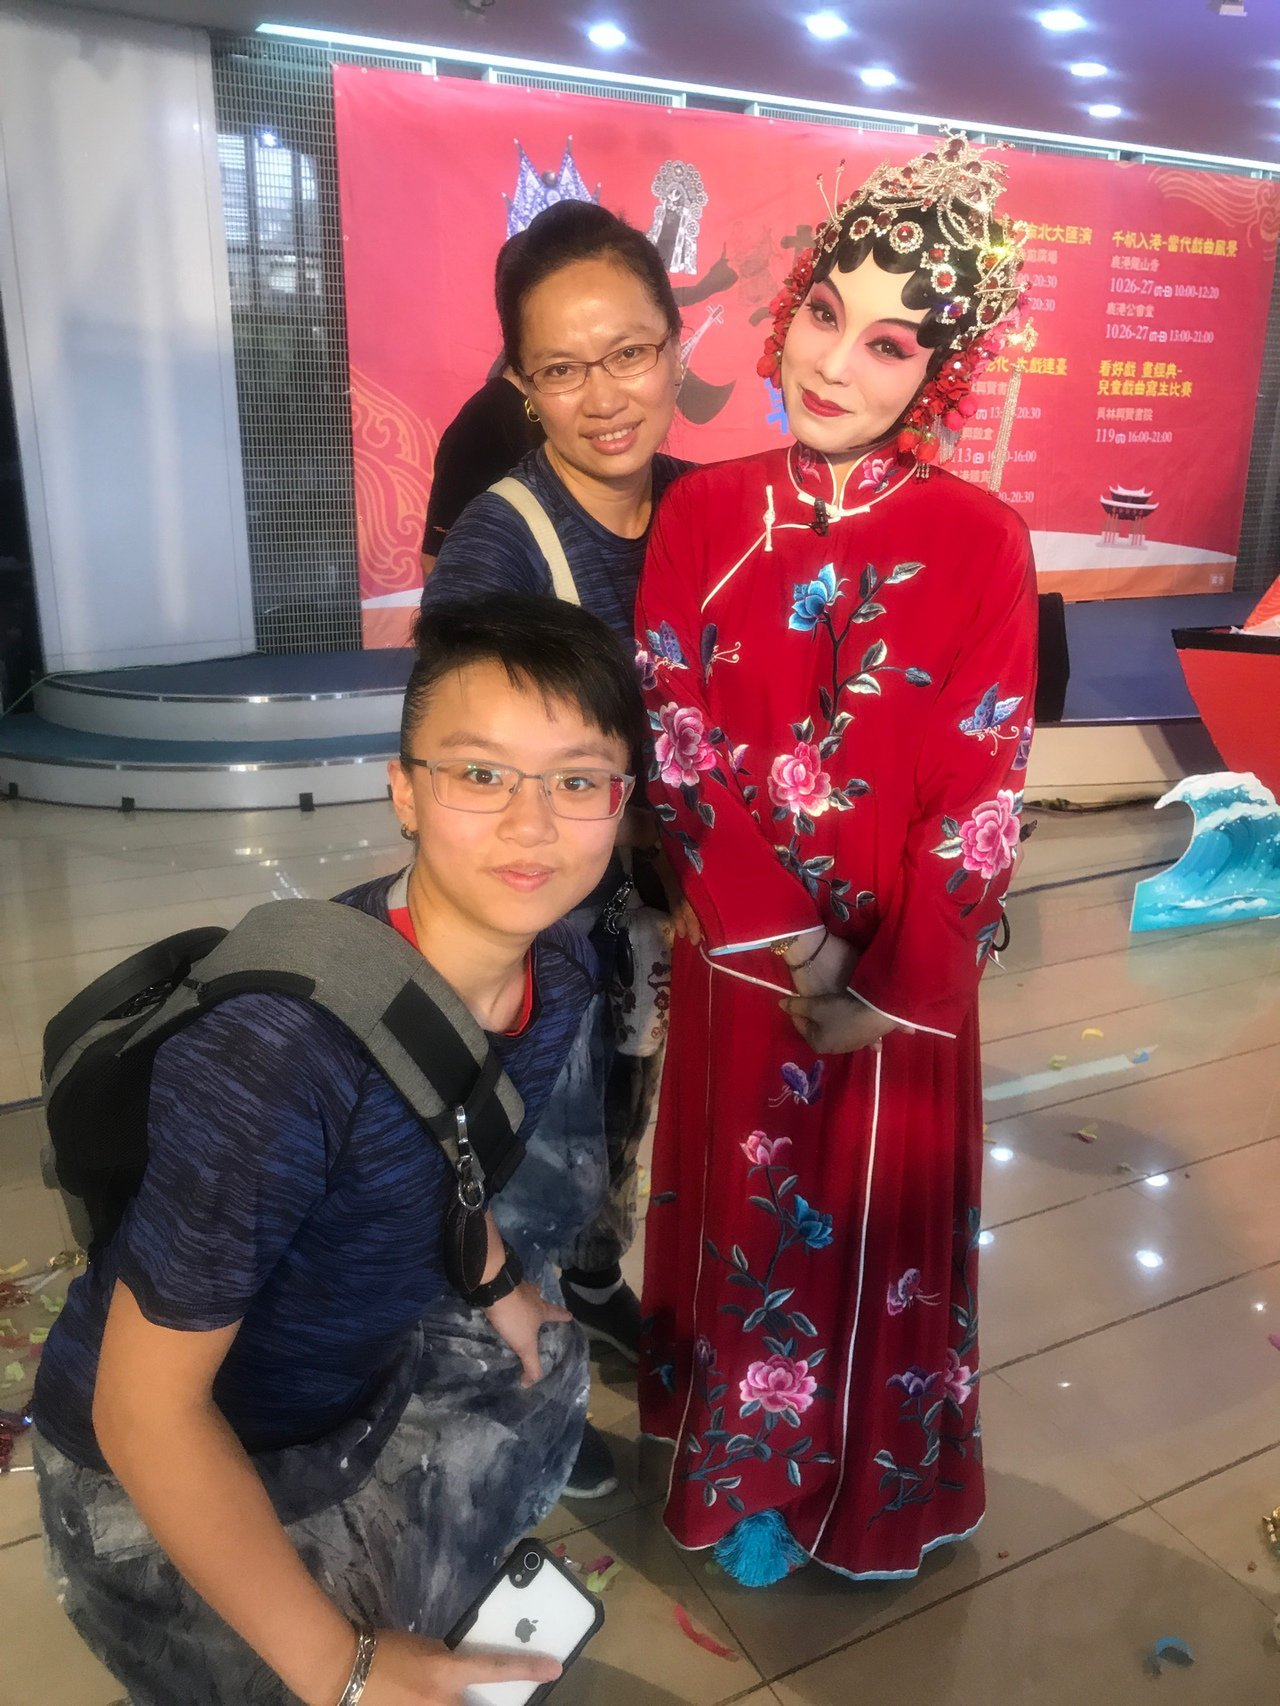 江陳咏蓁(後左) 的女兒江怡璇(前) 目前還是南華大學民族音樂系學生,近年跨團多...